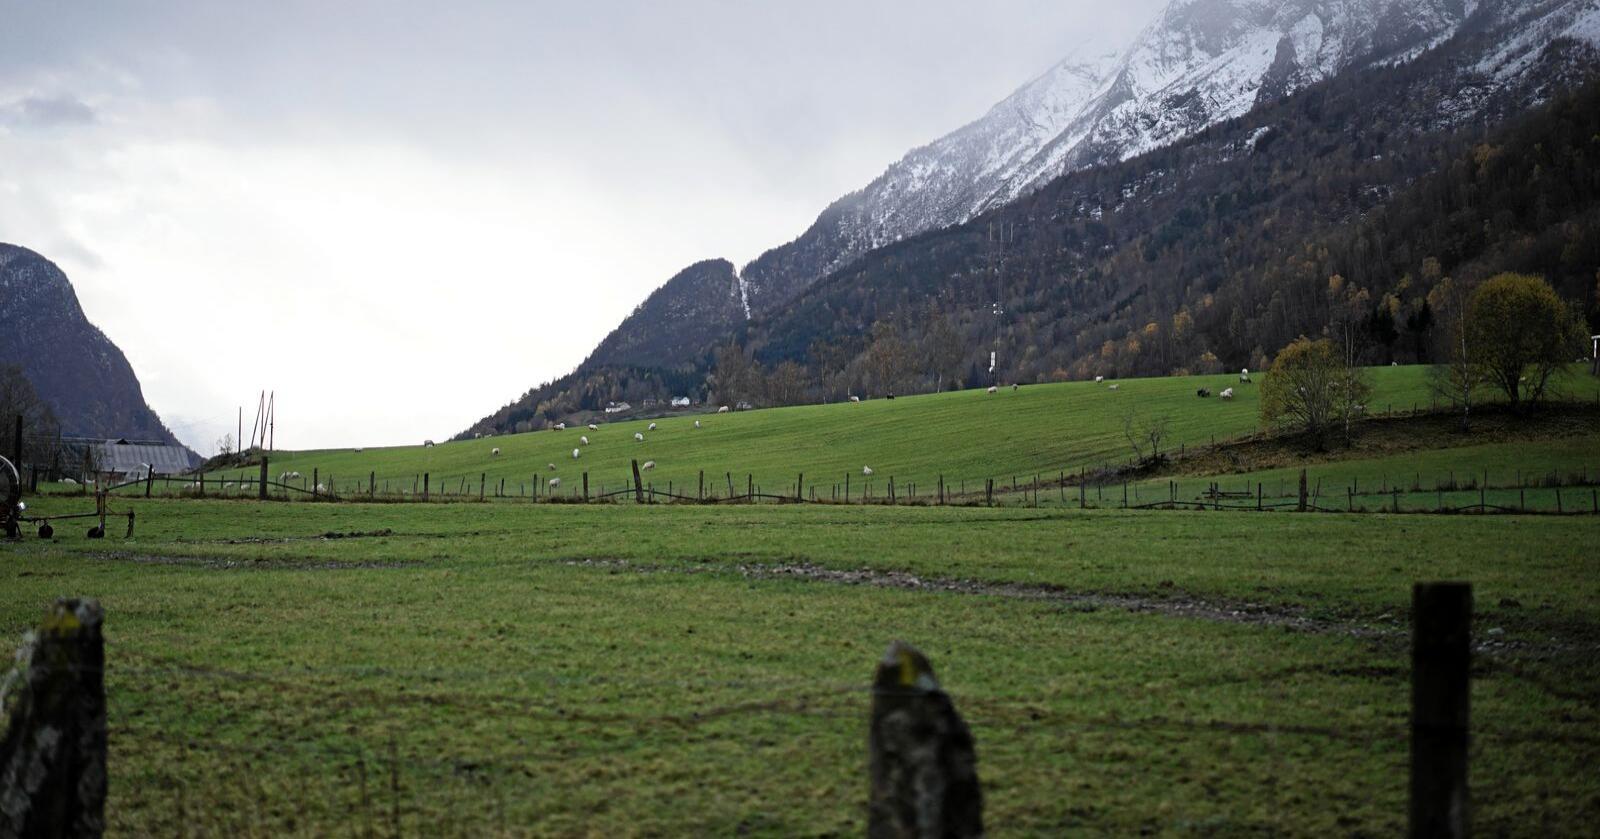 Grønt: Landbruket og matproduksjonen i Norge har plass til mange flere. Dette er grønne arbeidsplasser, skriver innsenderne. Foto: Benjamin Hernes Vogl